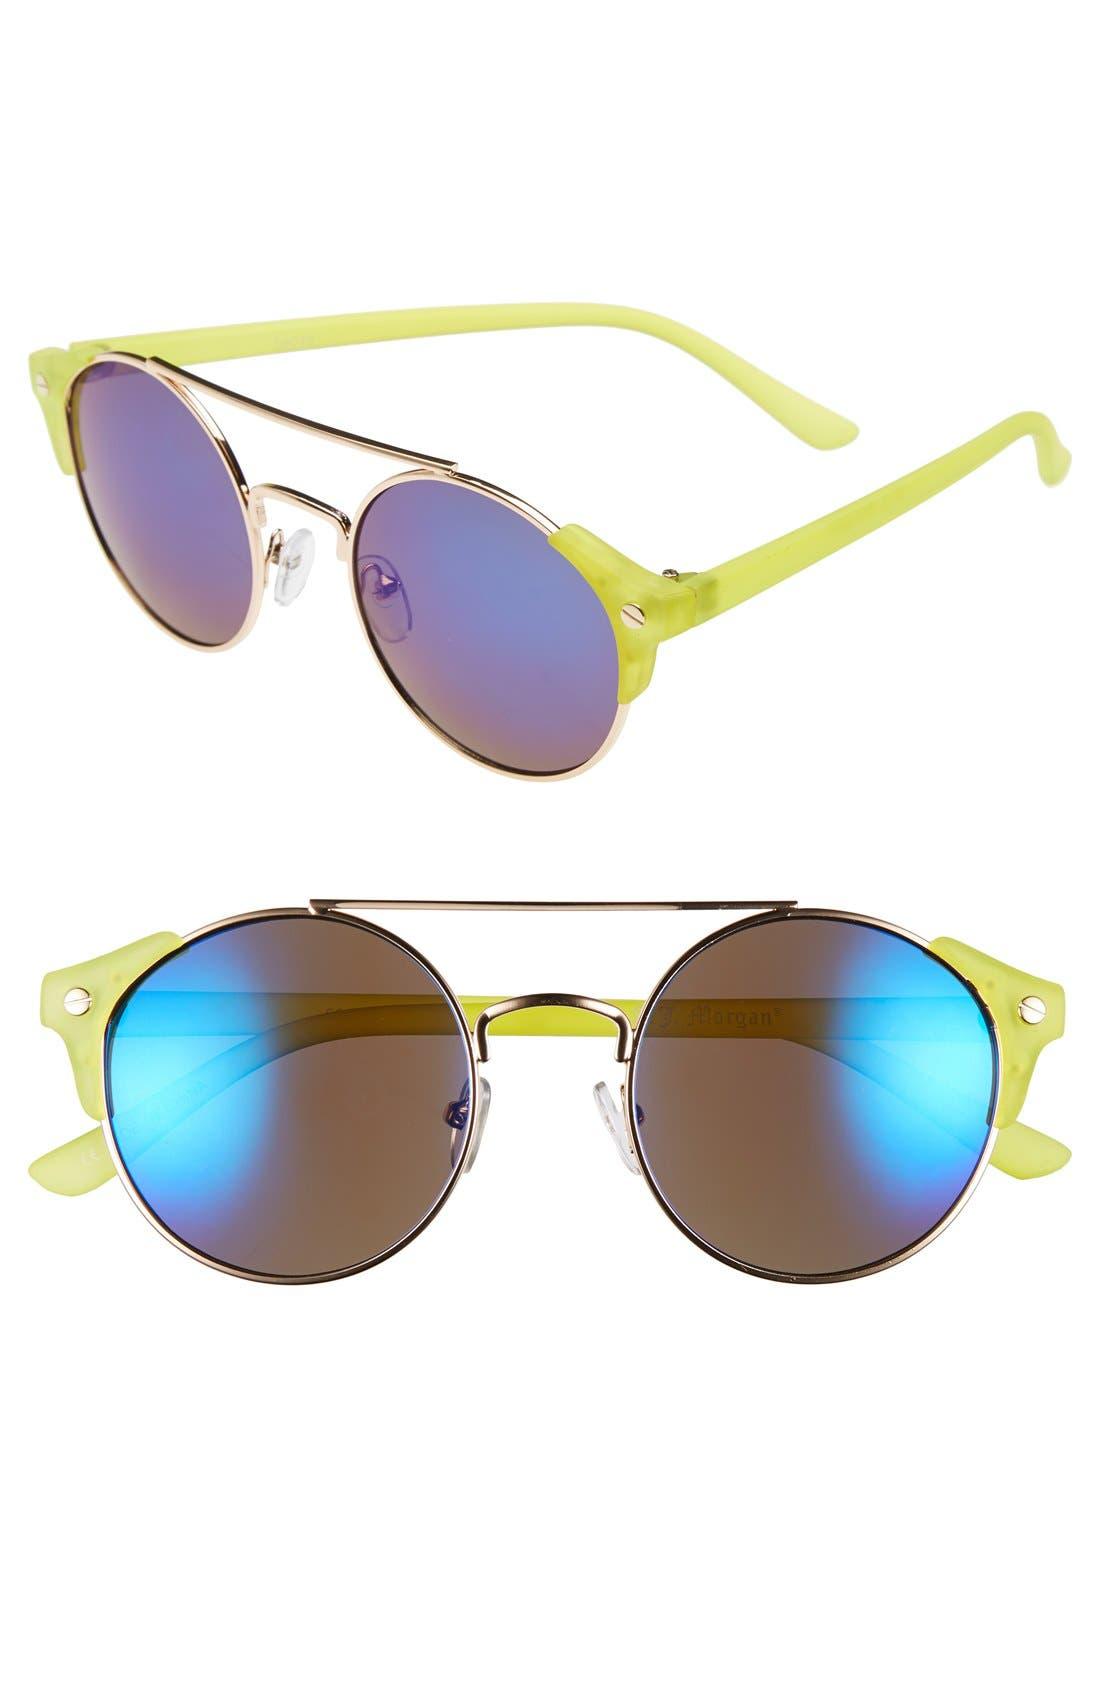 Main Image - A.J. Morgan 'Lunar' 50mm Sunglasses